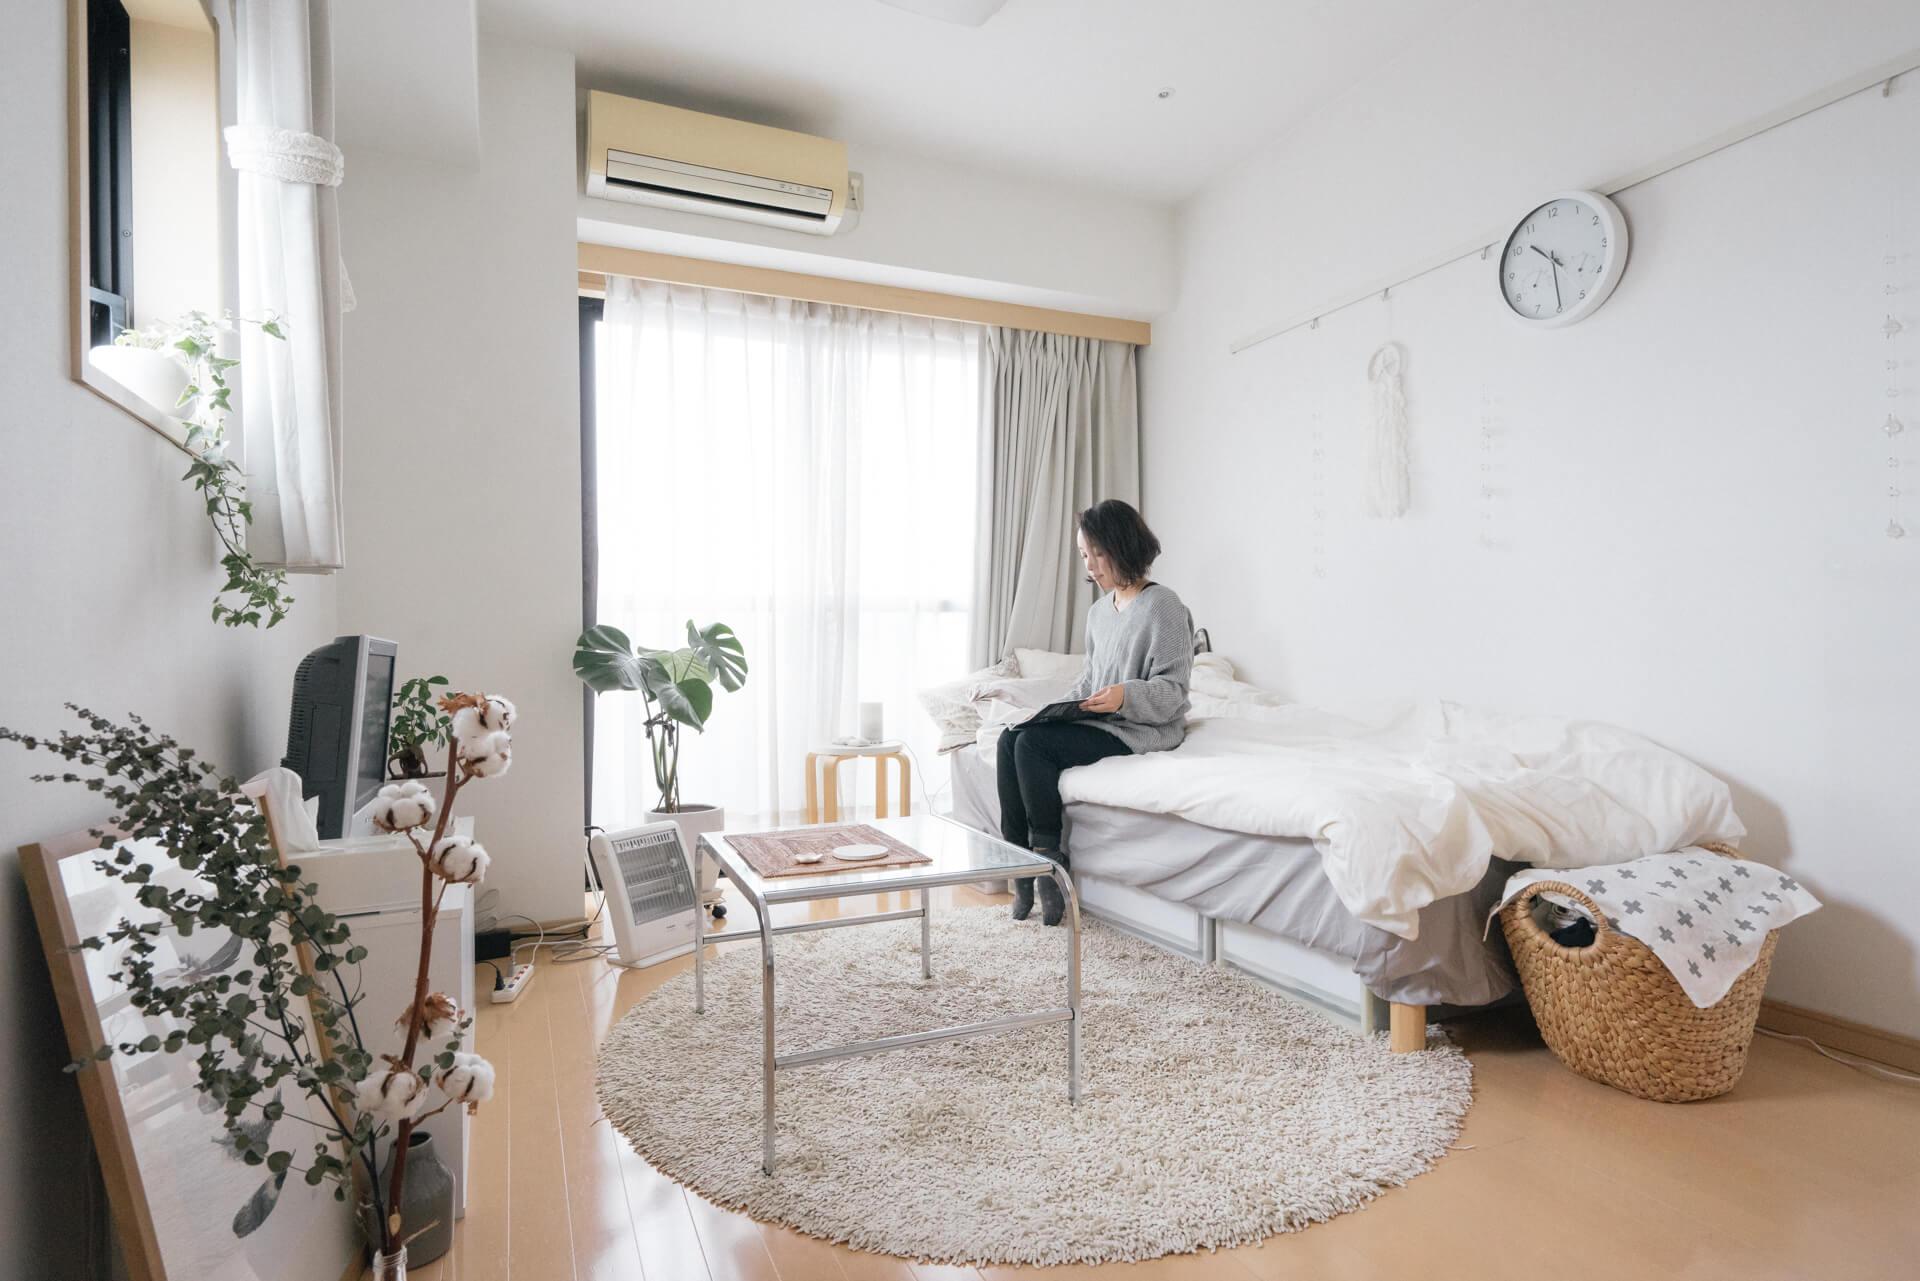 ベッドをソファがわりにしたり、床に座ってご飯を食べたりするのに向いている配置。